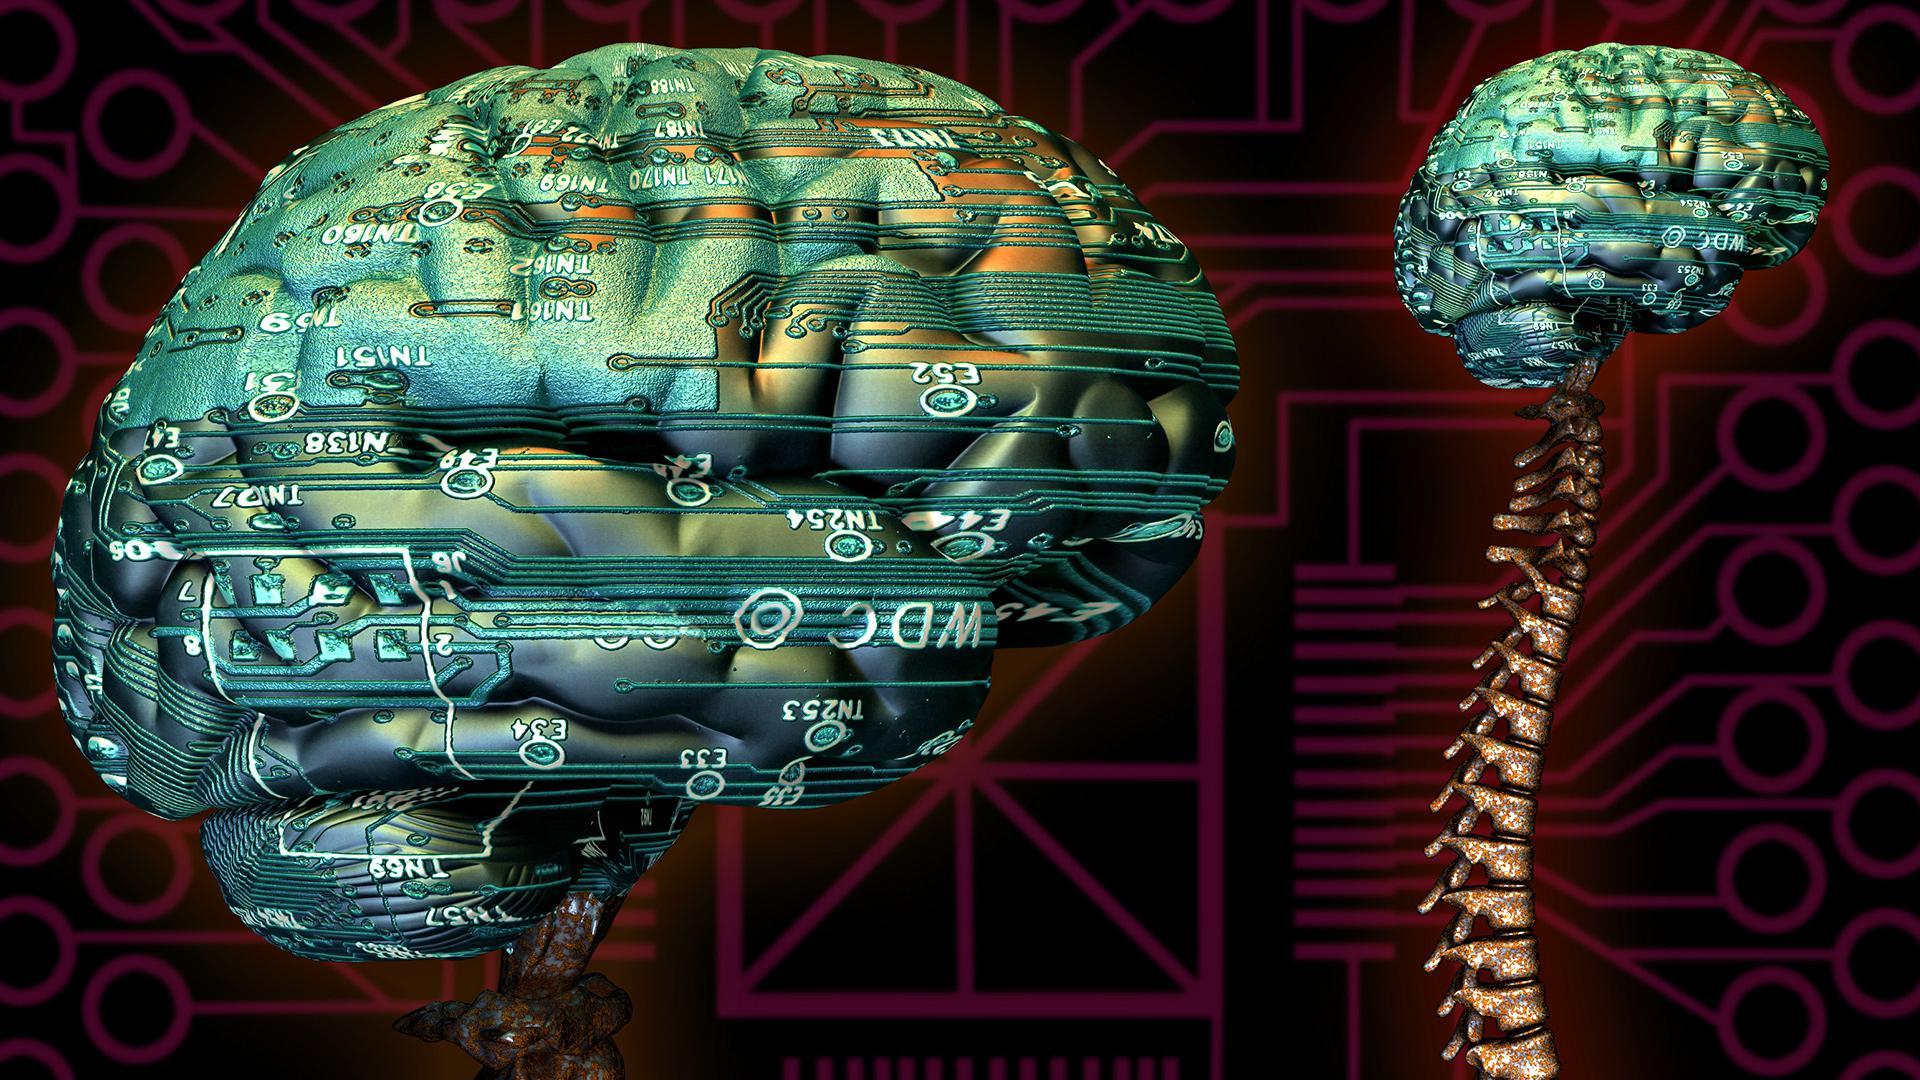 Как улучшить мозг. Выпуск 38. К чему может привести объединение мозга и компьютера?